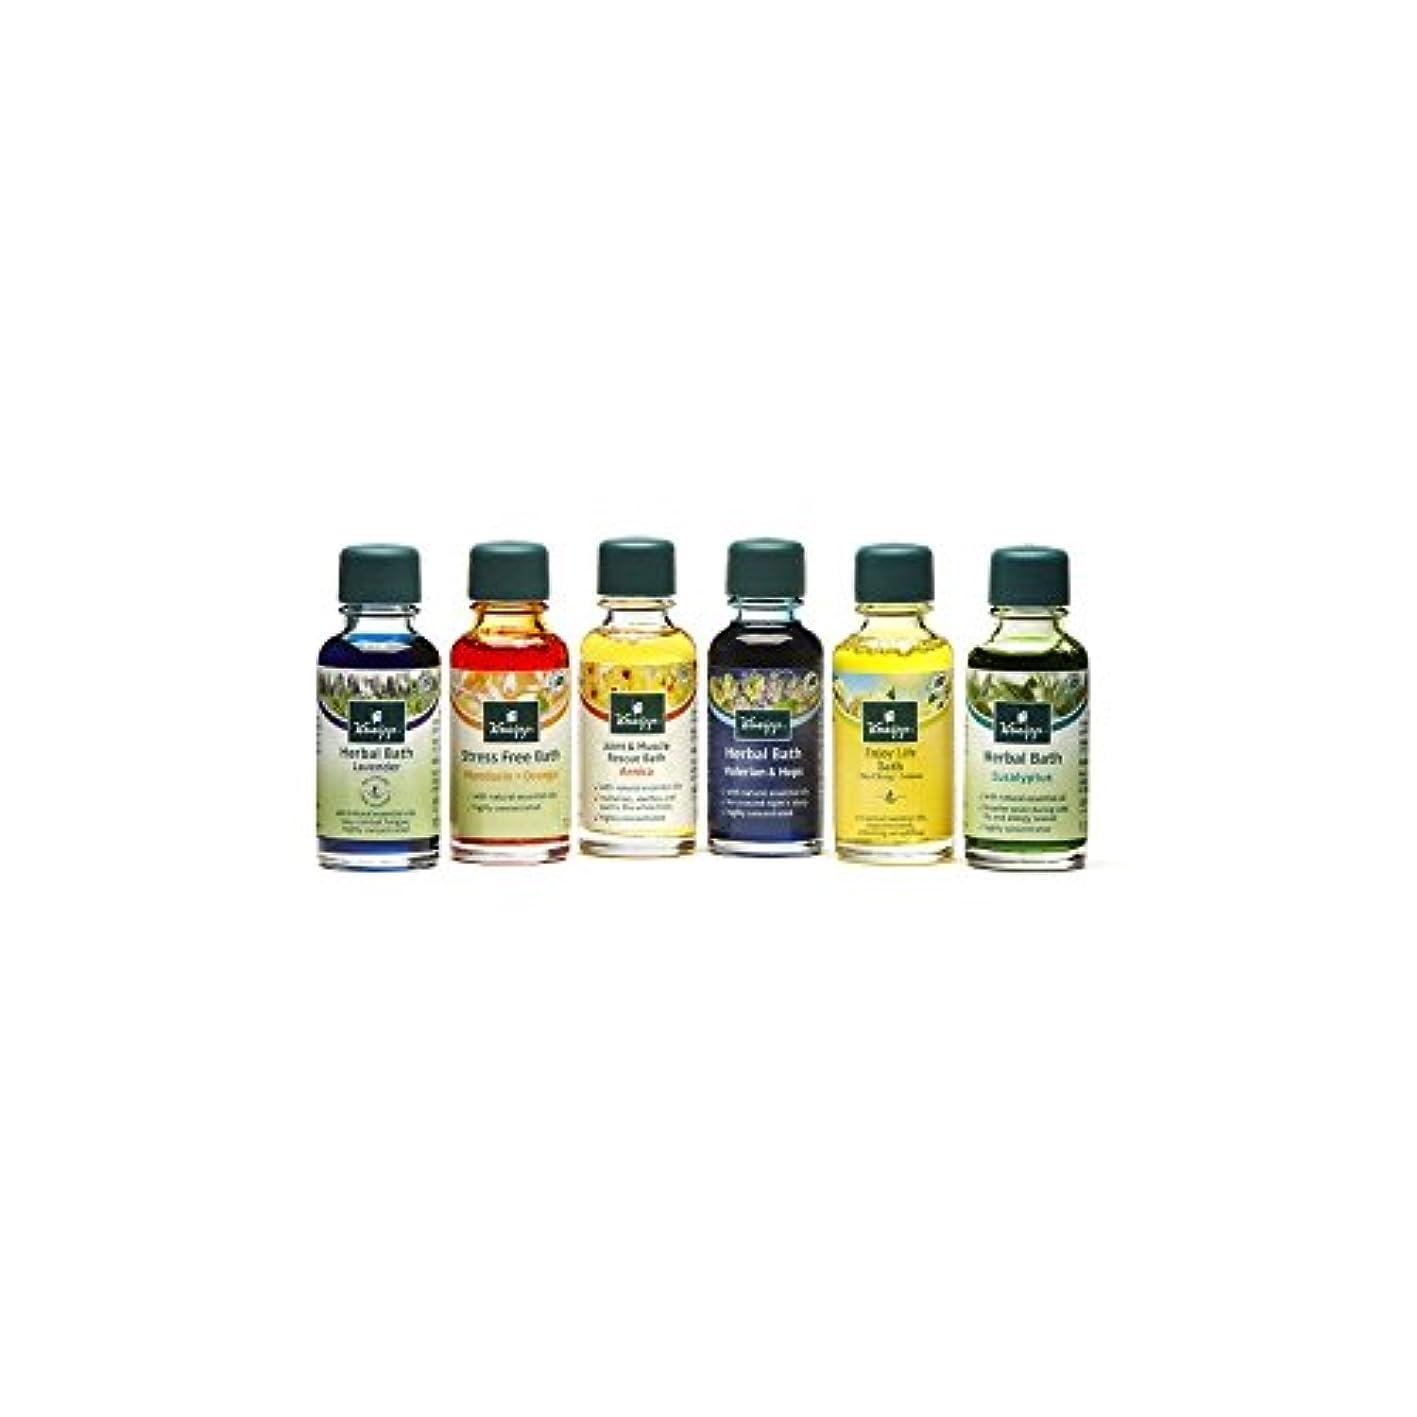 シェトランド諸島厚さ信者Kneipp Bath Oil Collection (6 x 20ml) (Pack of 6) - クナイプバスオイルコレクション(6×20ミリリットル) x6 [並行輸入品]